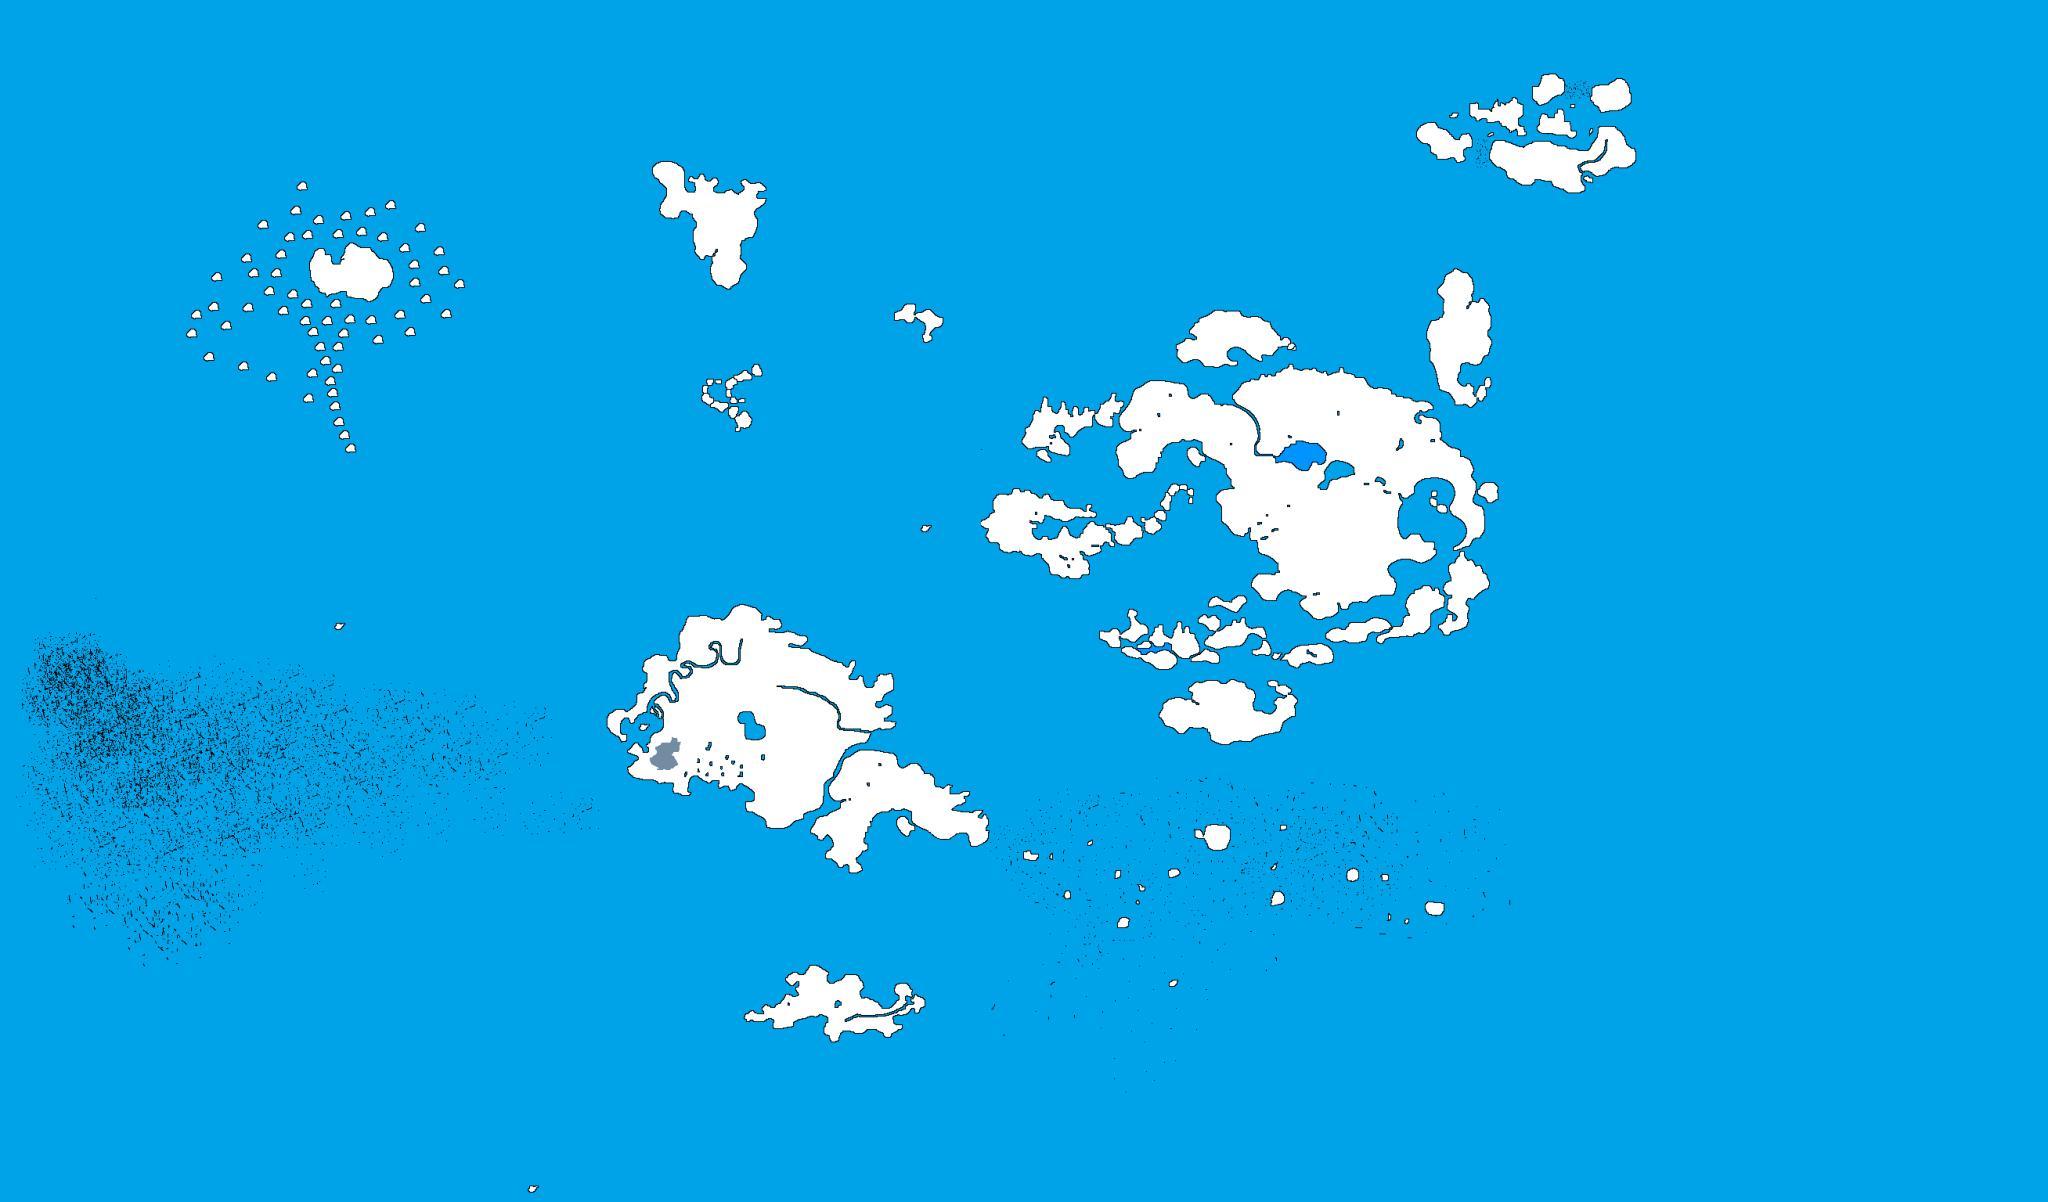 Zdjęcie użytkownika CheekiBreekiPL w temacie Mapa i wybór miejsca dla państwa